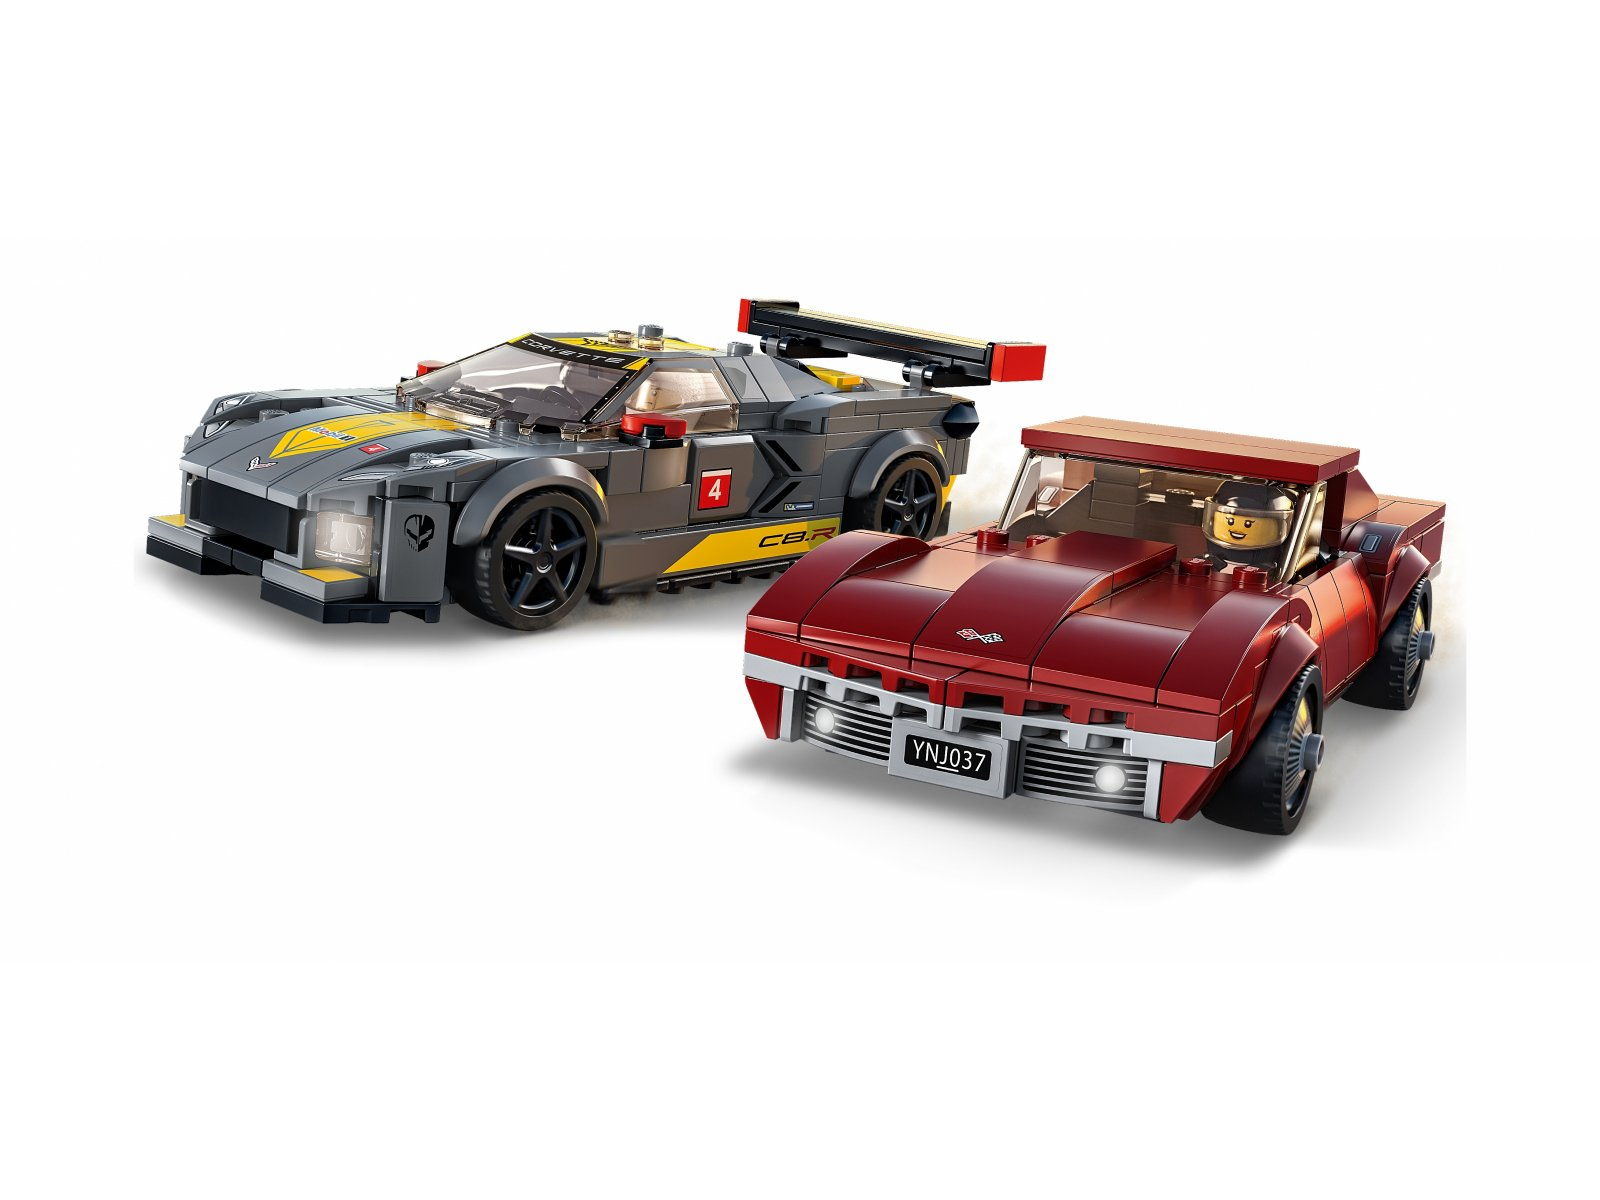 LEGO 76903 Samochód wyścigowy Chevrolet Corvette C8.R i 1968 Chevrolet Corv